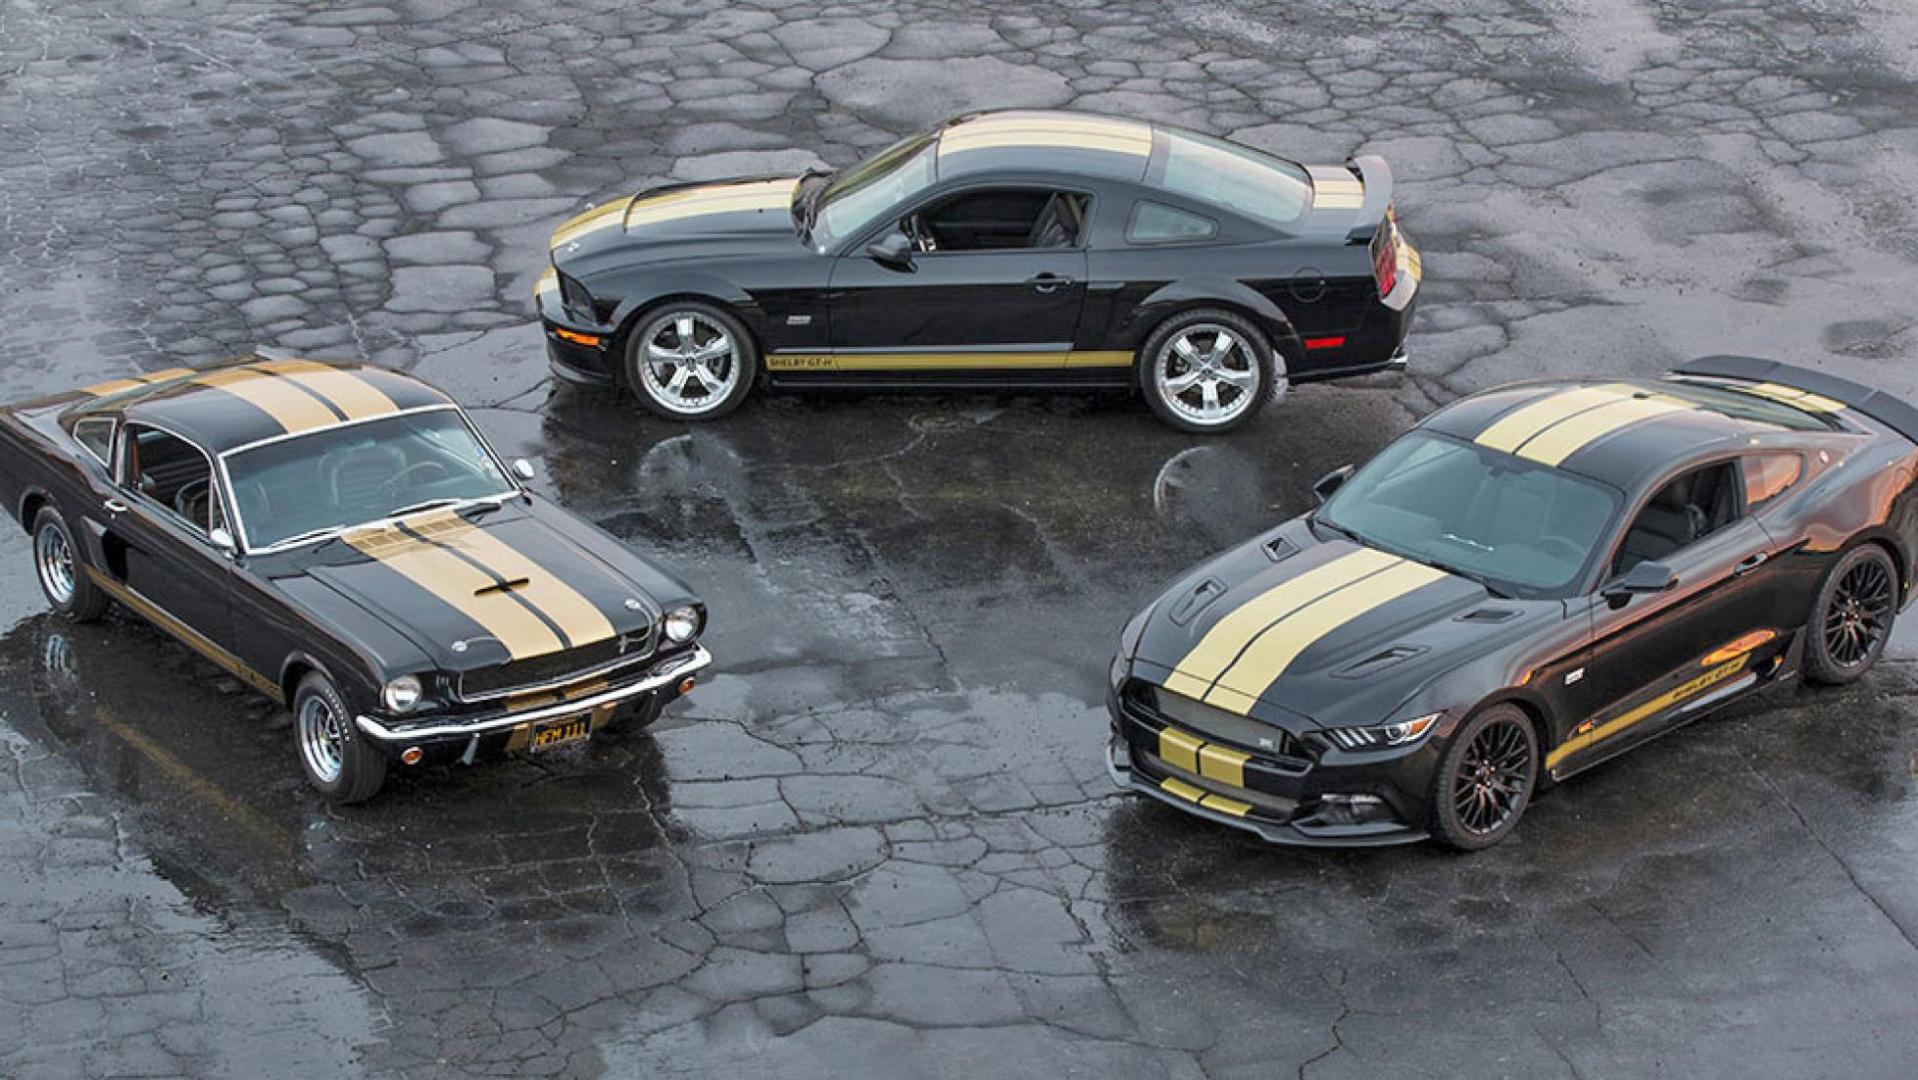 Ford Mustang GT van Hertz